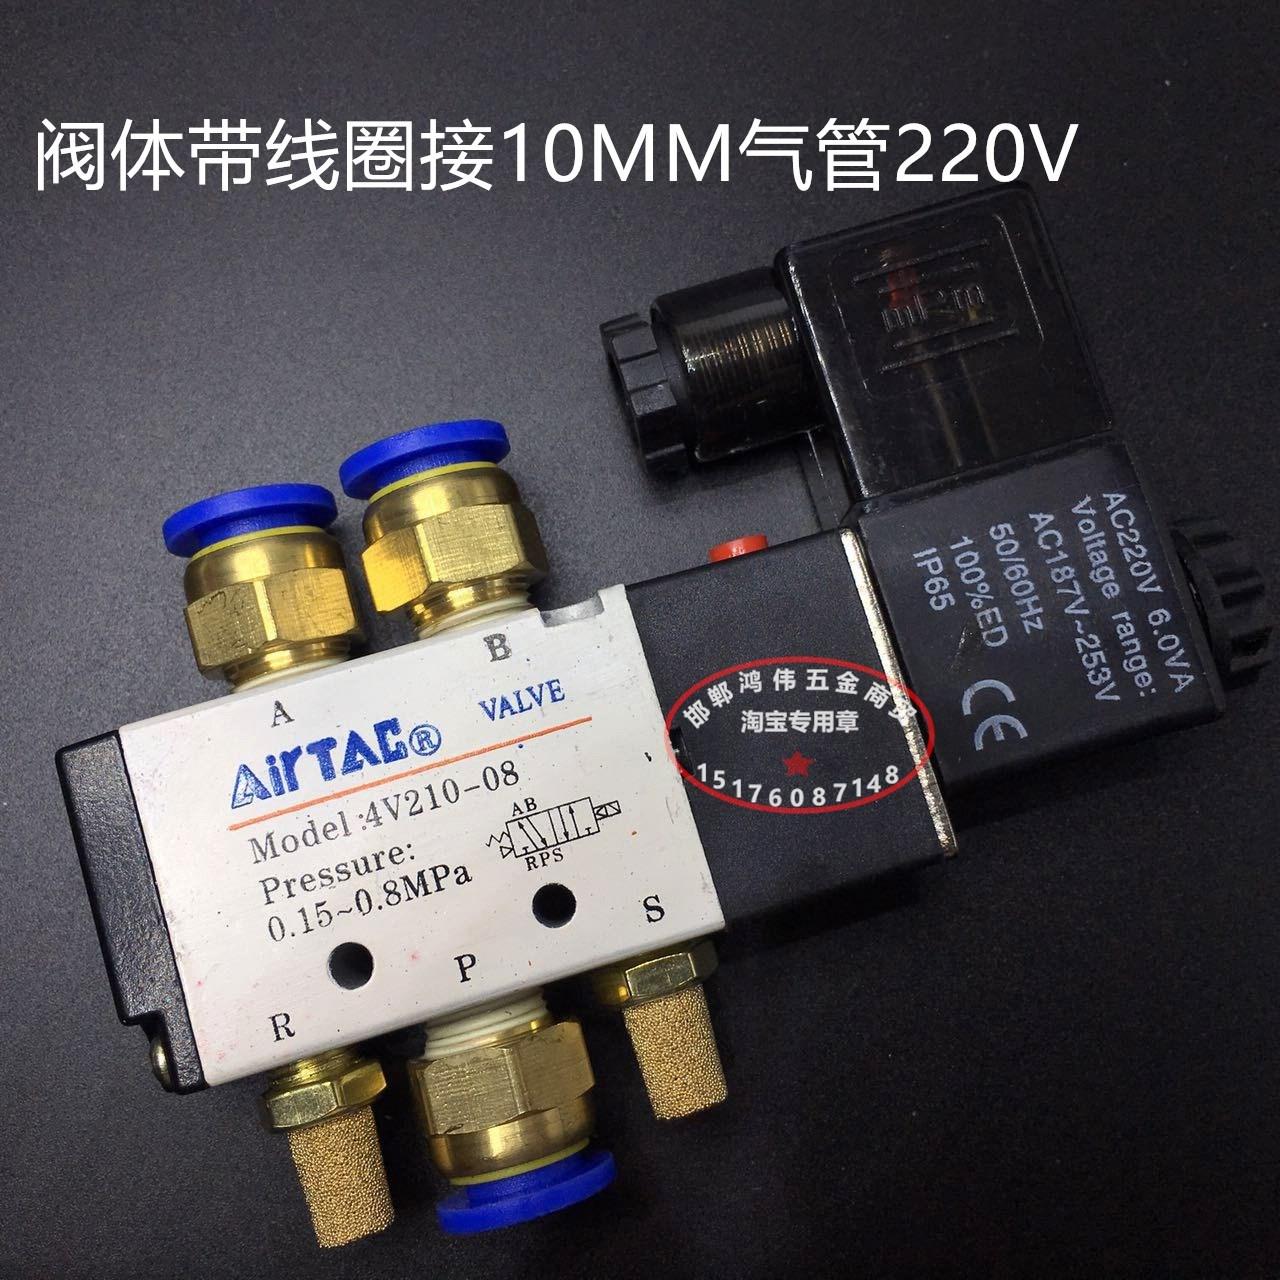 Eine Pumpe schalldämpfer magnetventil Wasser - ventil - ventil eine Kontrolle der das Gemeinsame luftröhren - schnelle pneumatischen Komponenten